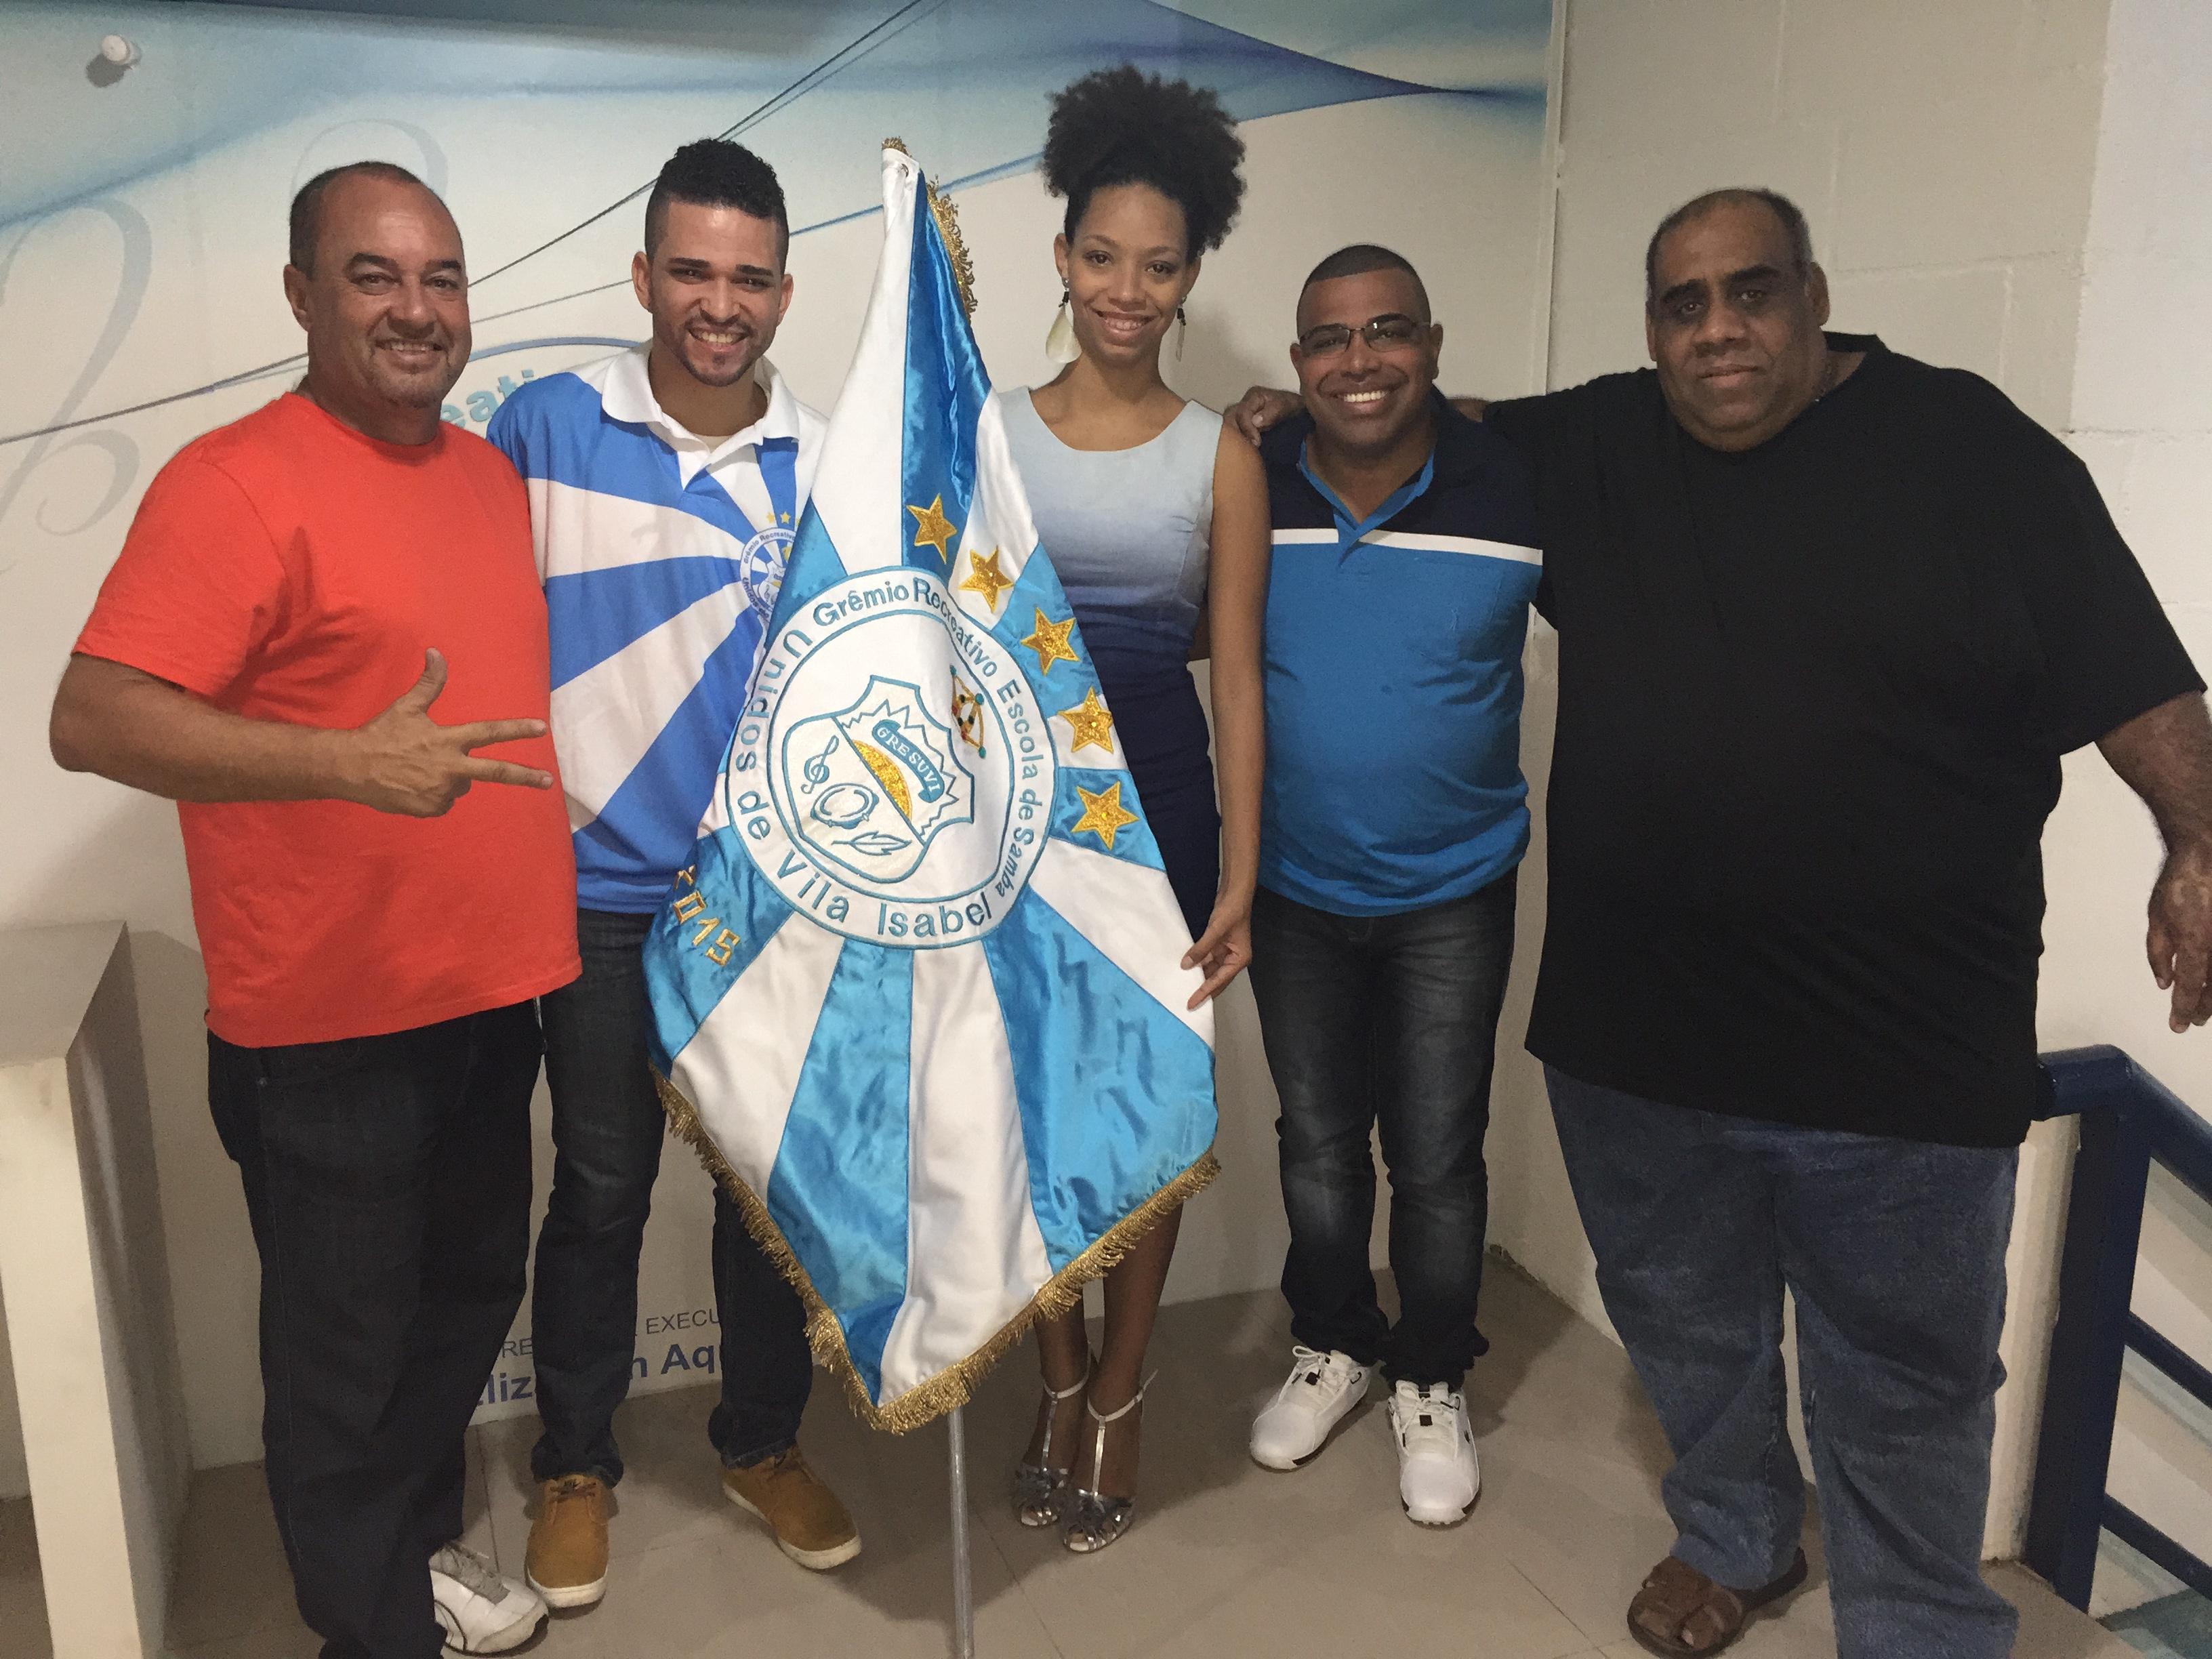 Phelipe Lemos de volta à Vila